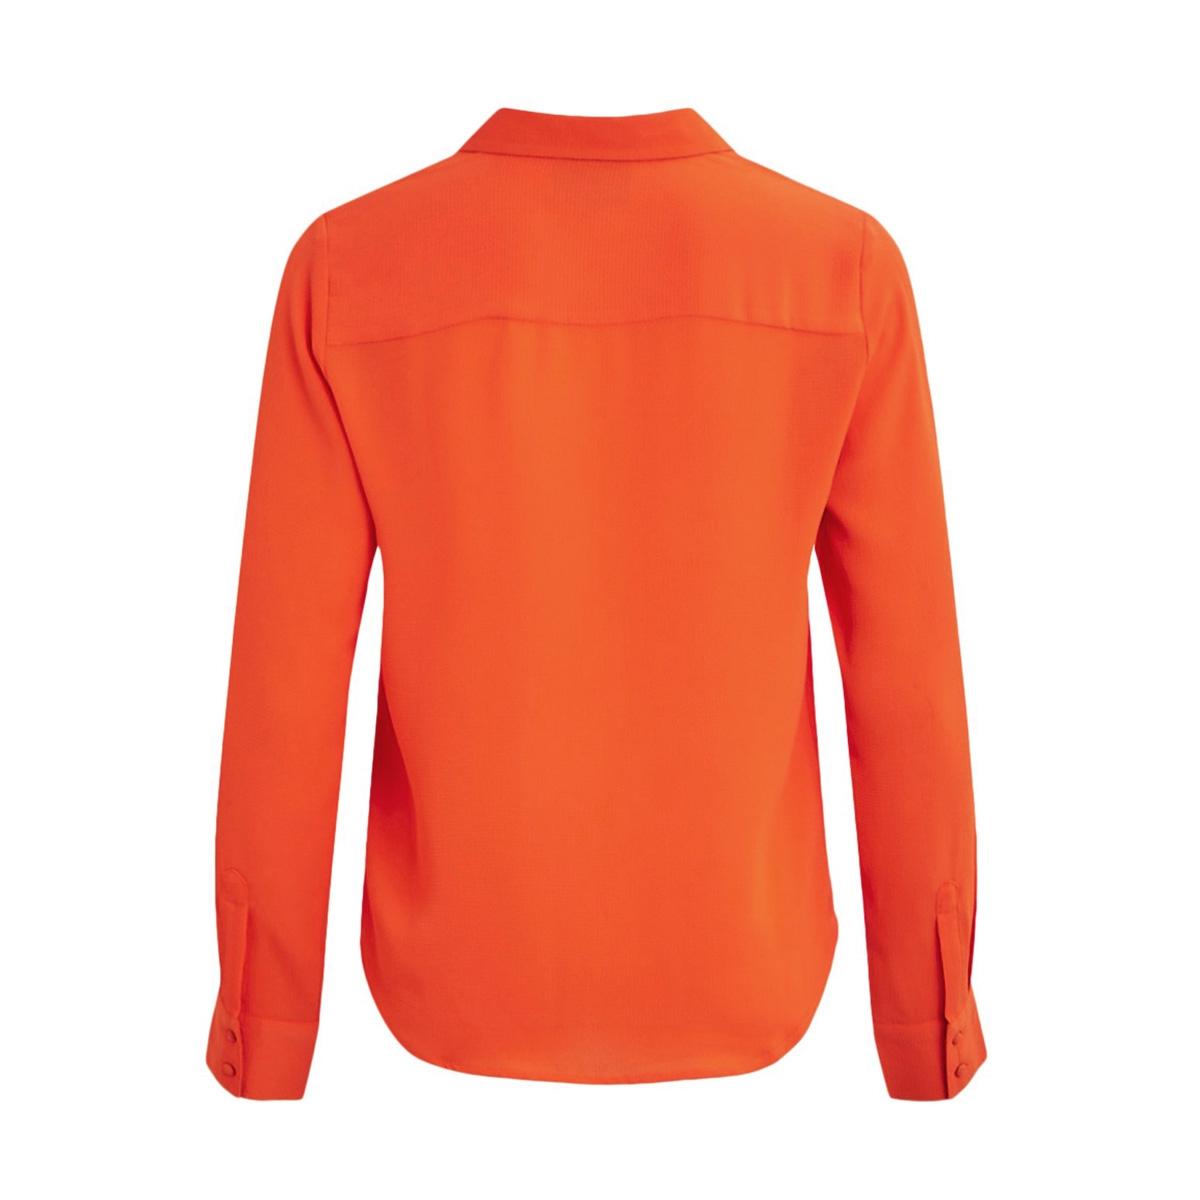 objrory l/s shirt .i 105 23030606 object blouse tigerlily